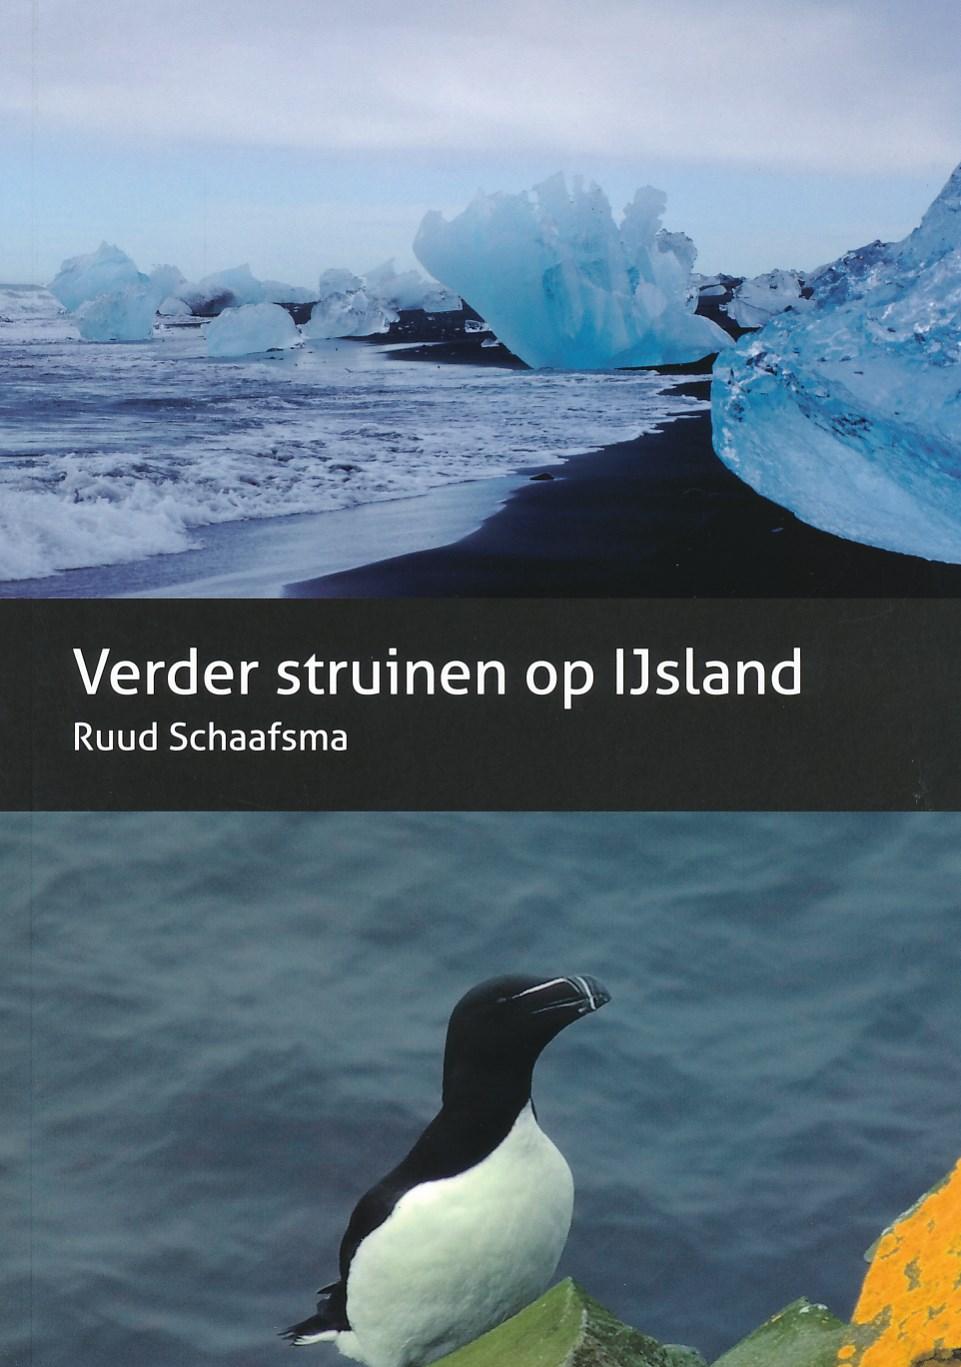 Fotoboek - Reisverhaal Verder struinen op IJsland   Ruud Schaafsma